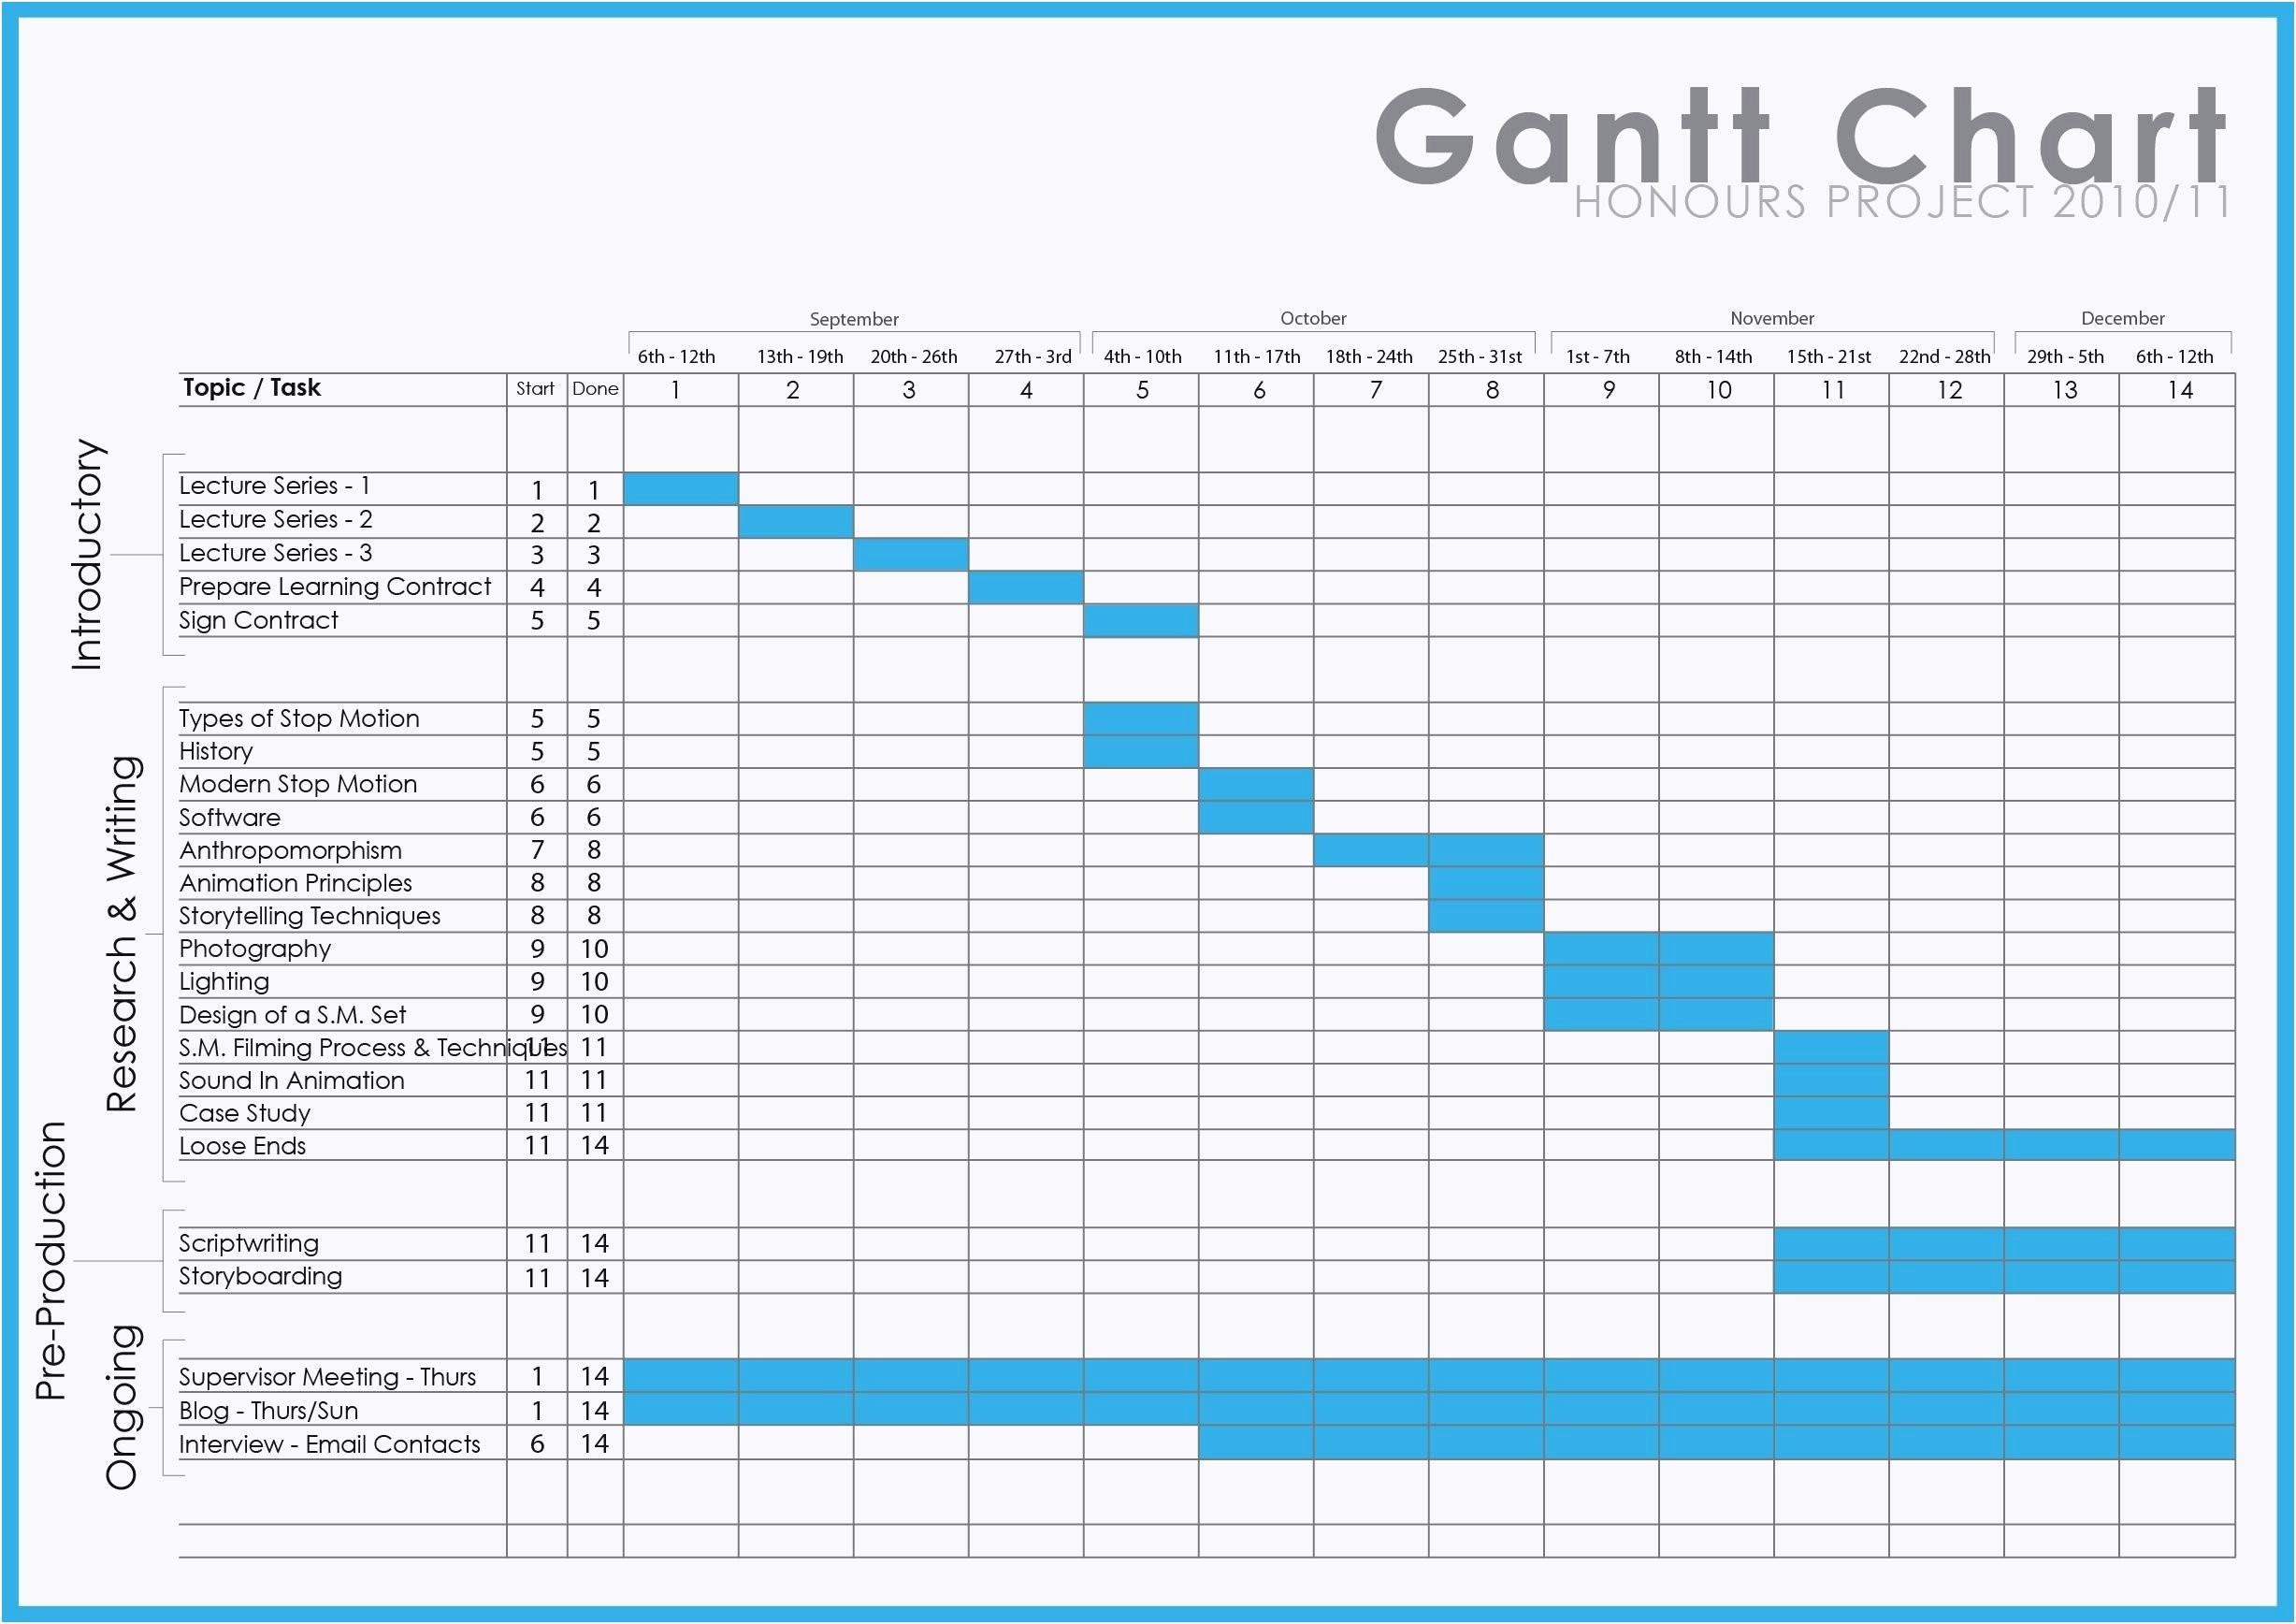 30 Inspirational Gantt Chart Excel Template Download   Free Chart Throughout Gantt Chart Template Excel